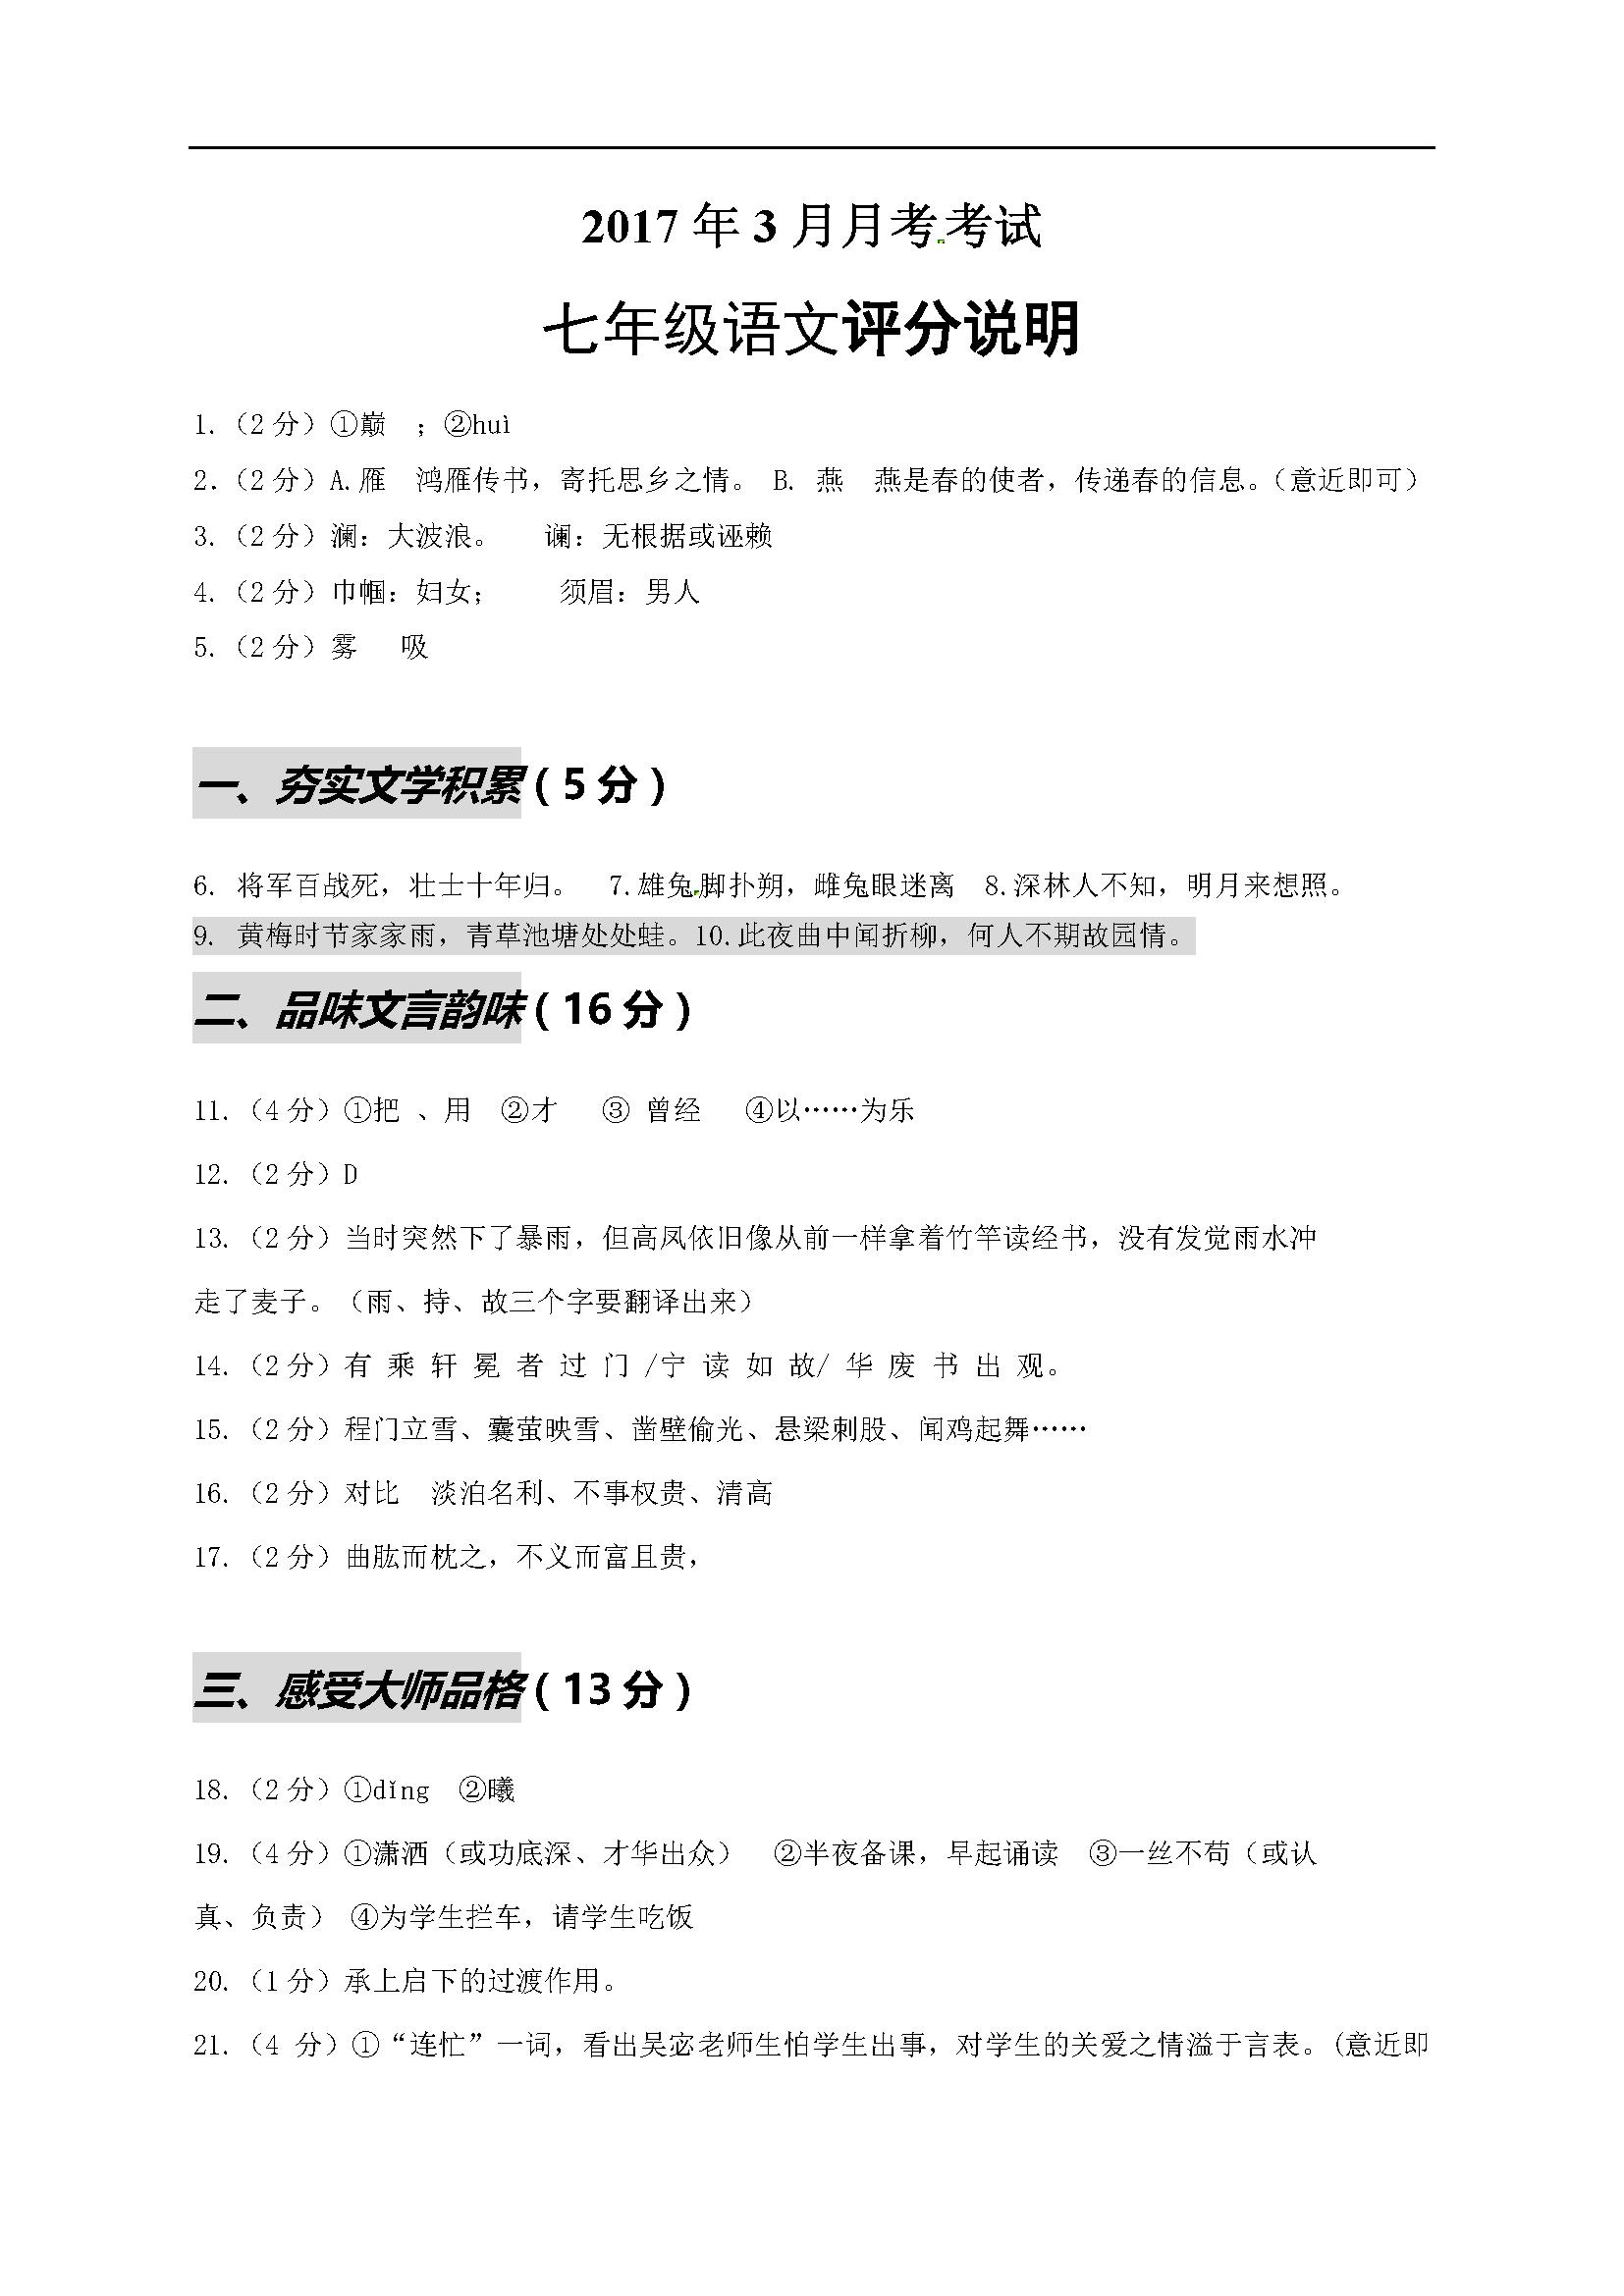 2017湖北枝江七年级3月联考语文试题答案(图片版)